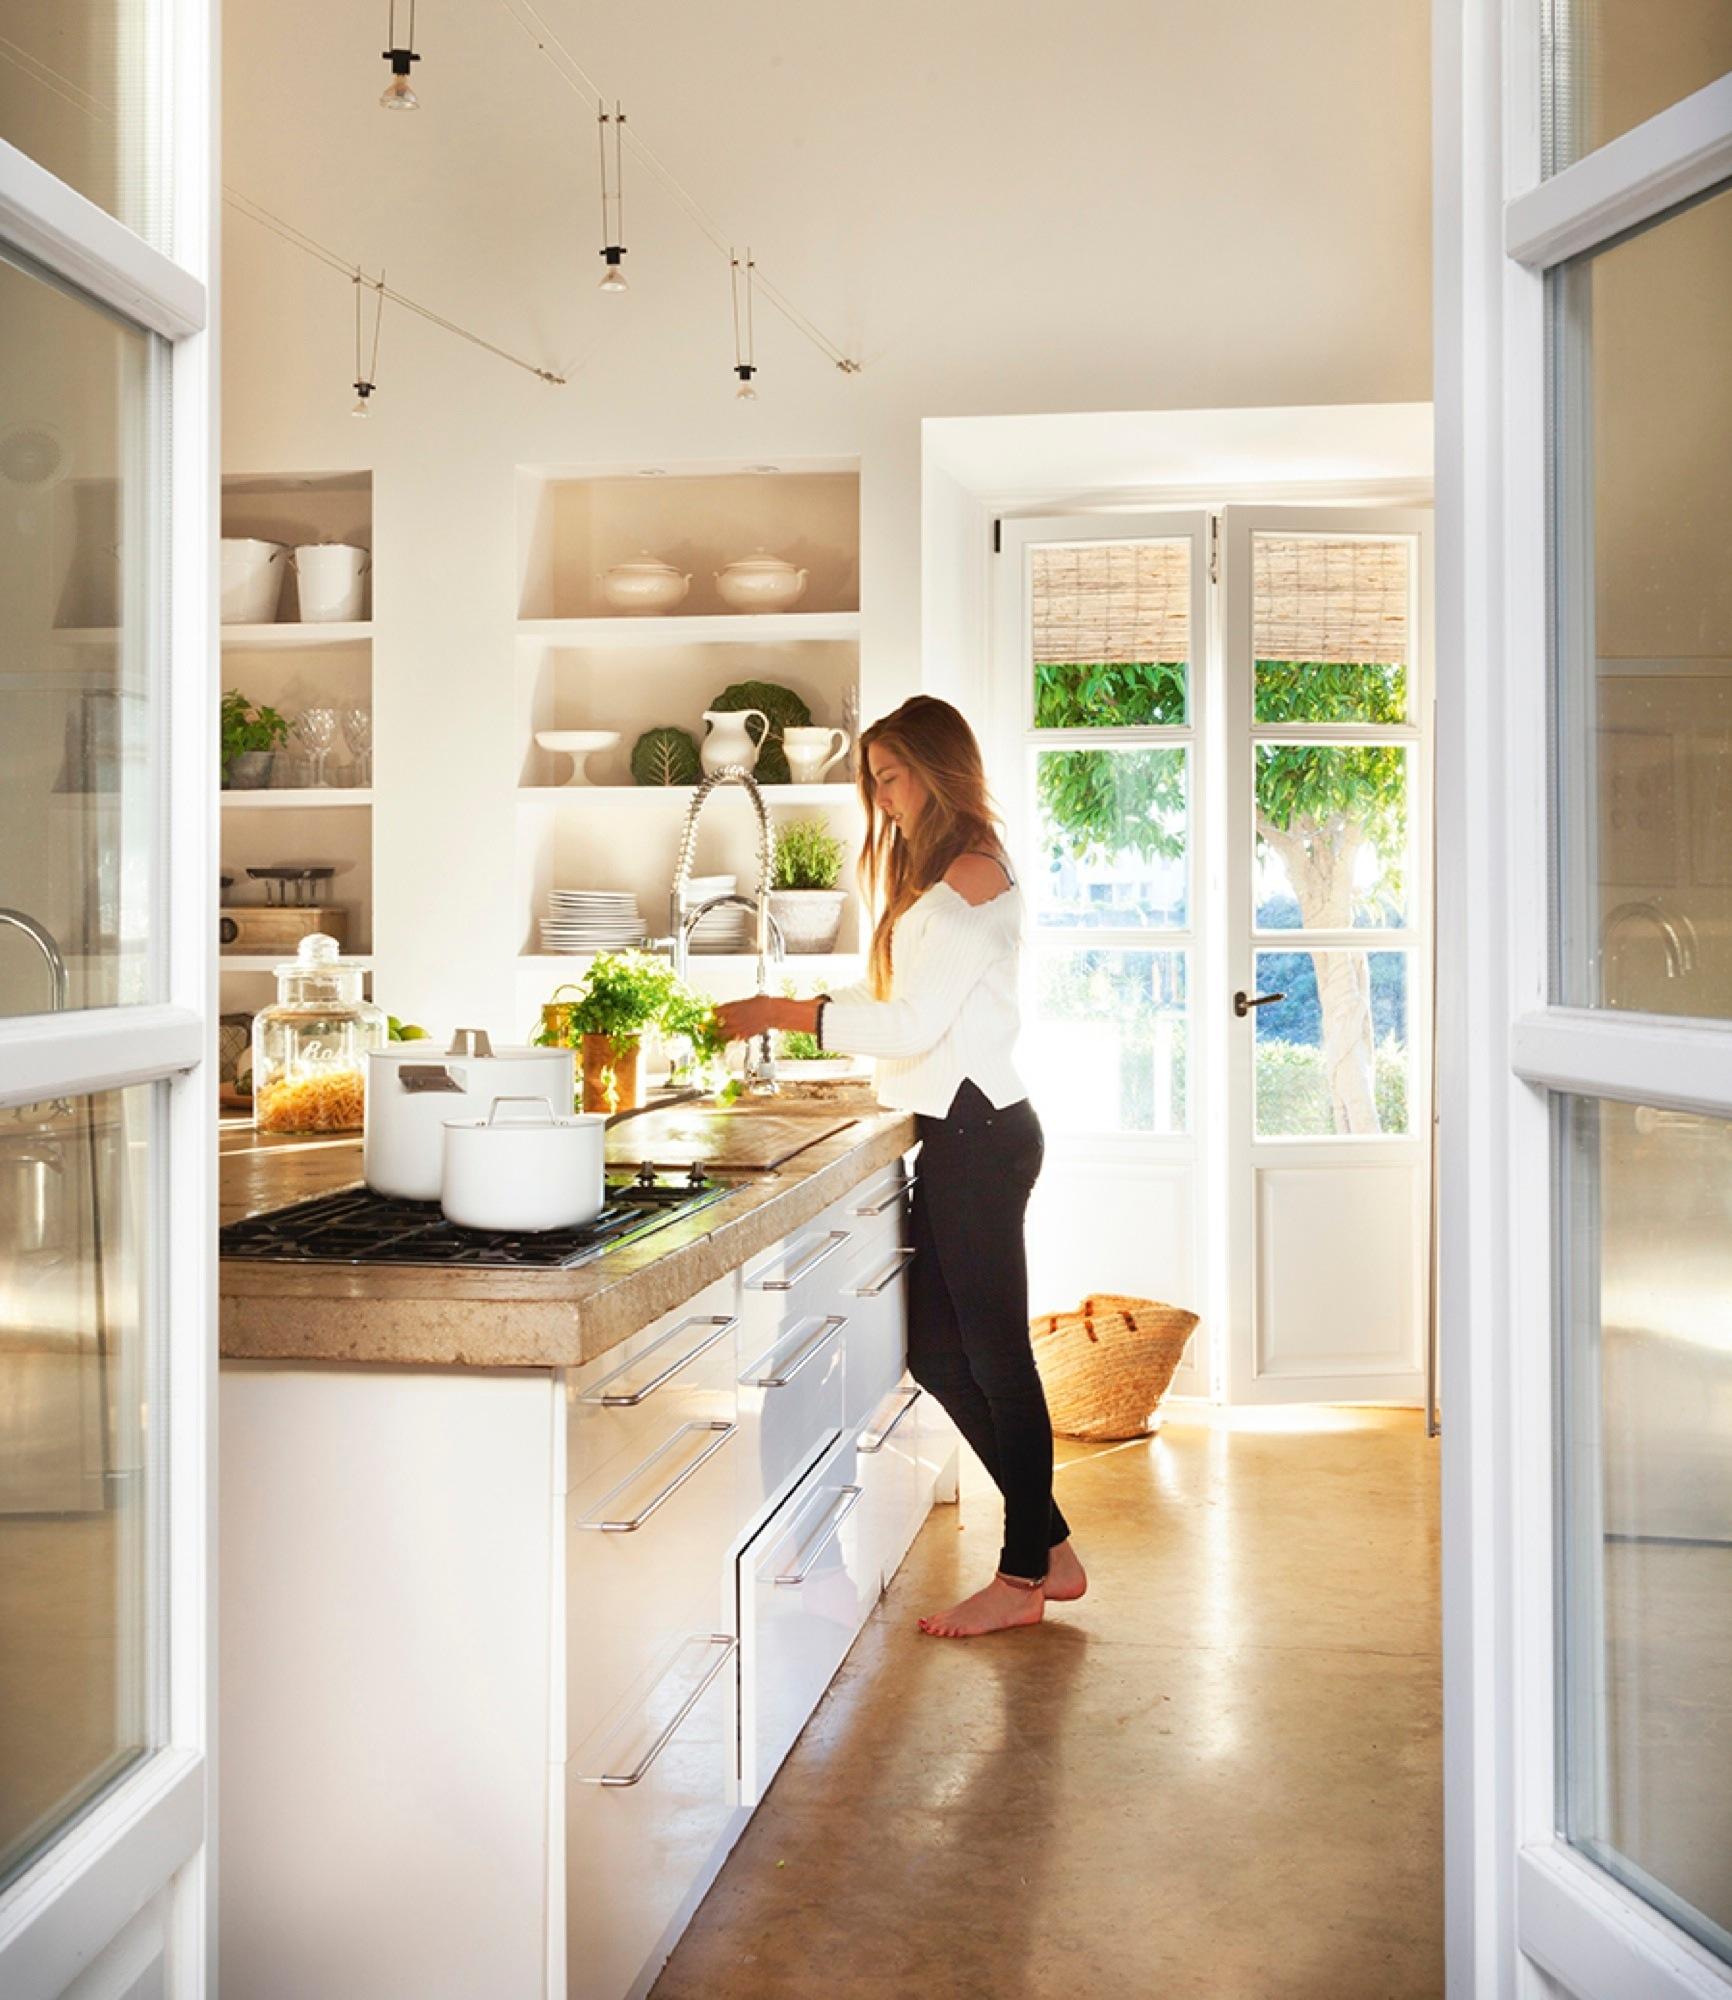 Un cortijo moderno en marbella for Cocinas marbella